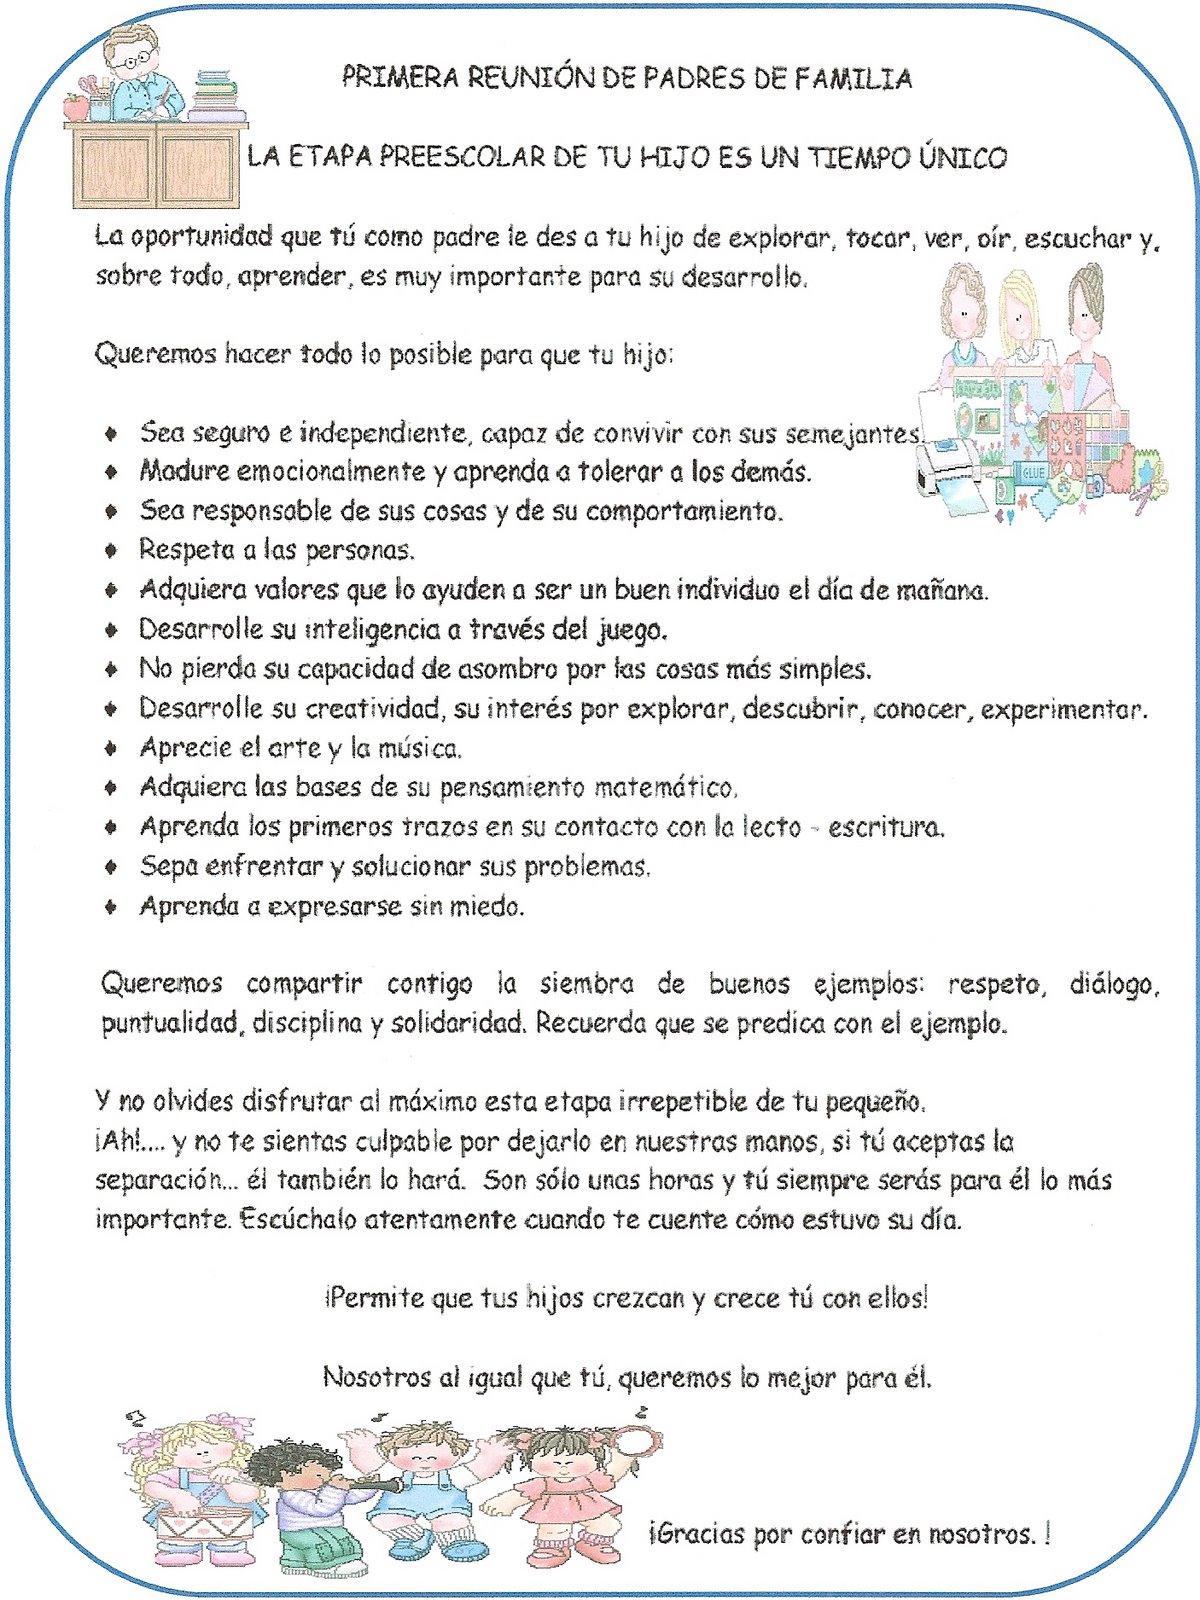 LEARNING IS FUN!: PRIMERA REUNIÓN DE PADRES Y MADRES